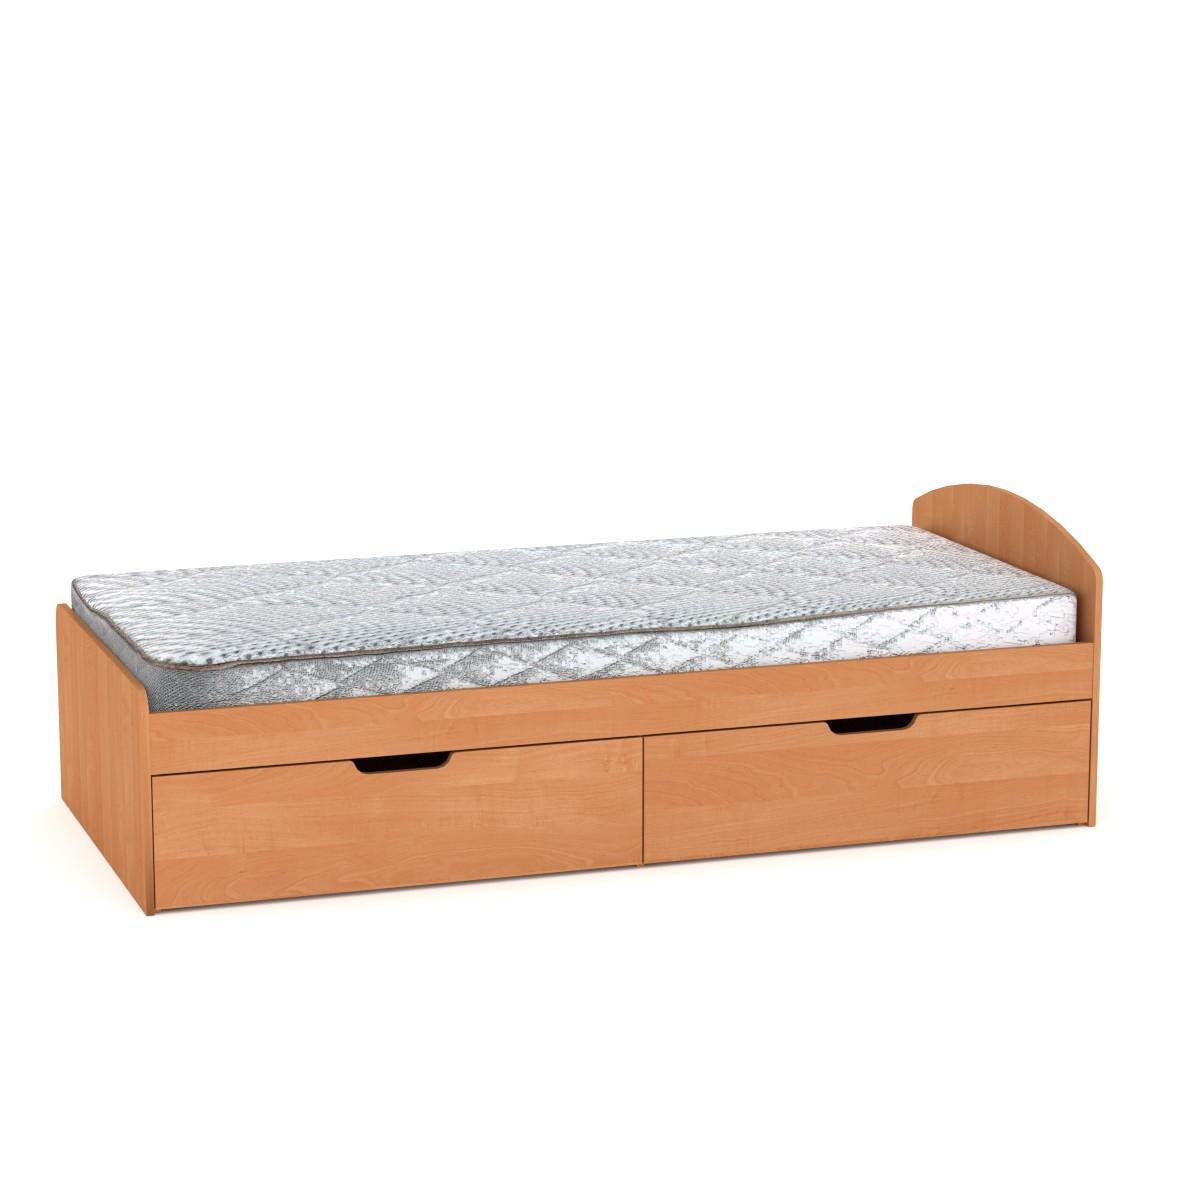 Кровать 90+2 ольха Компанит (94х204х95 см)